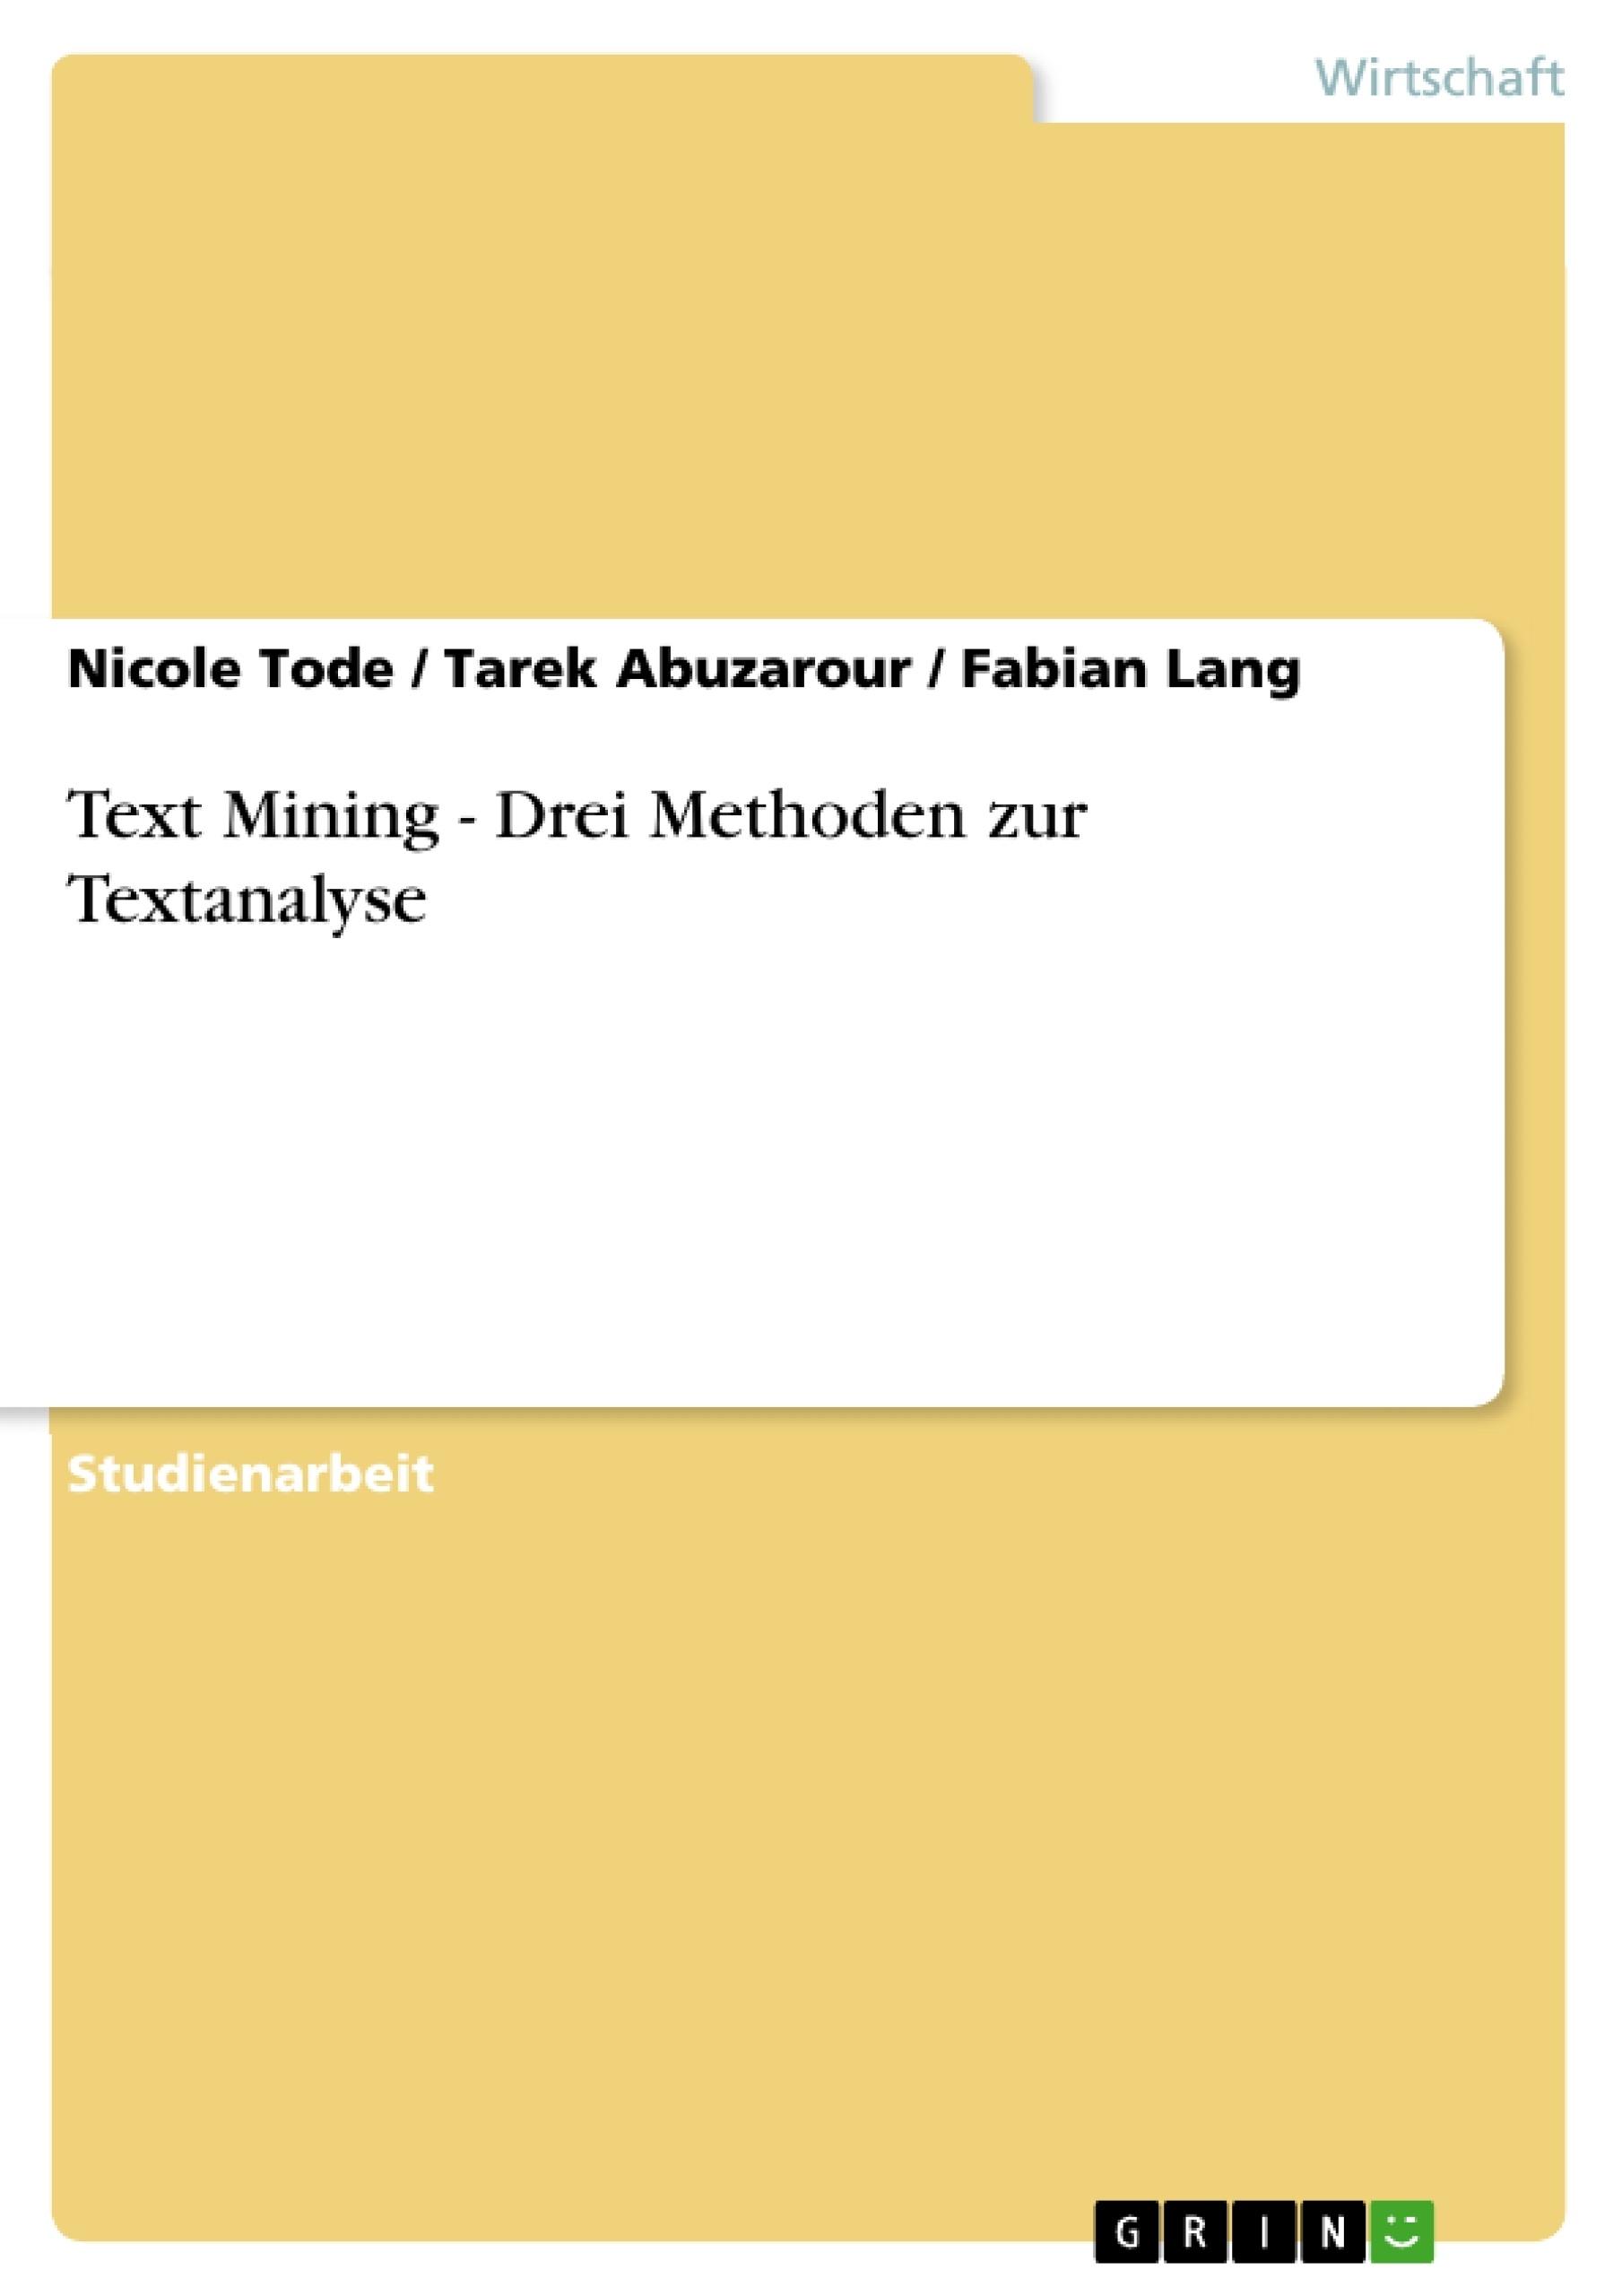 Titel: Text Mining - Drei Methoden zur Textanalyse